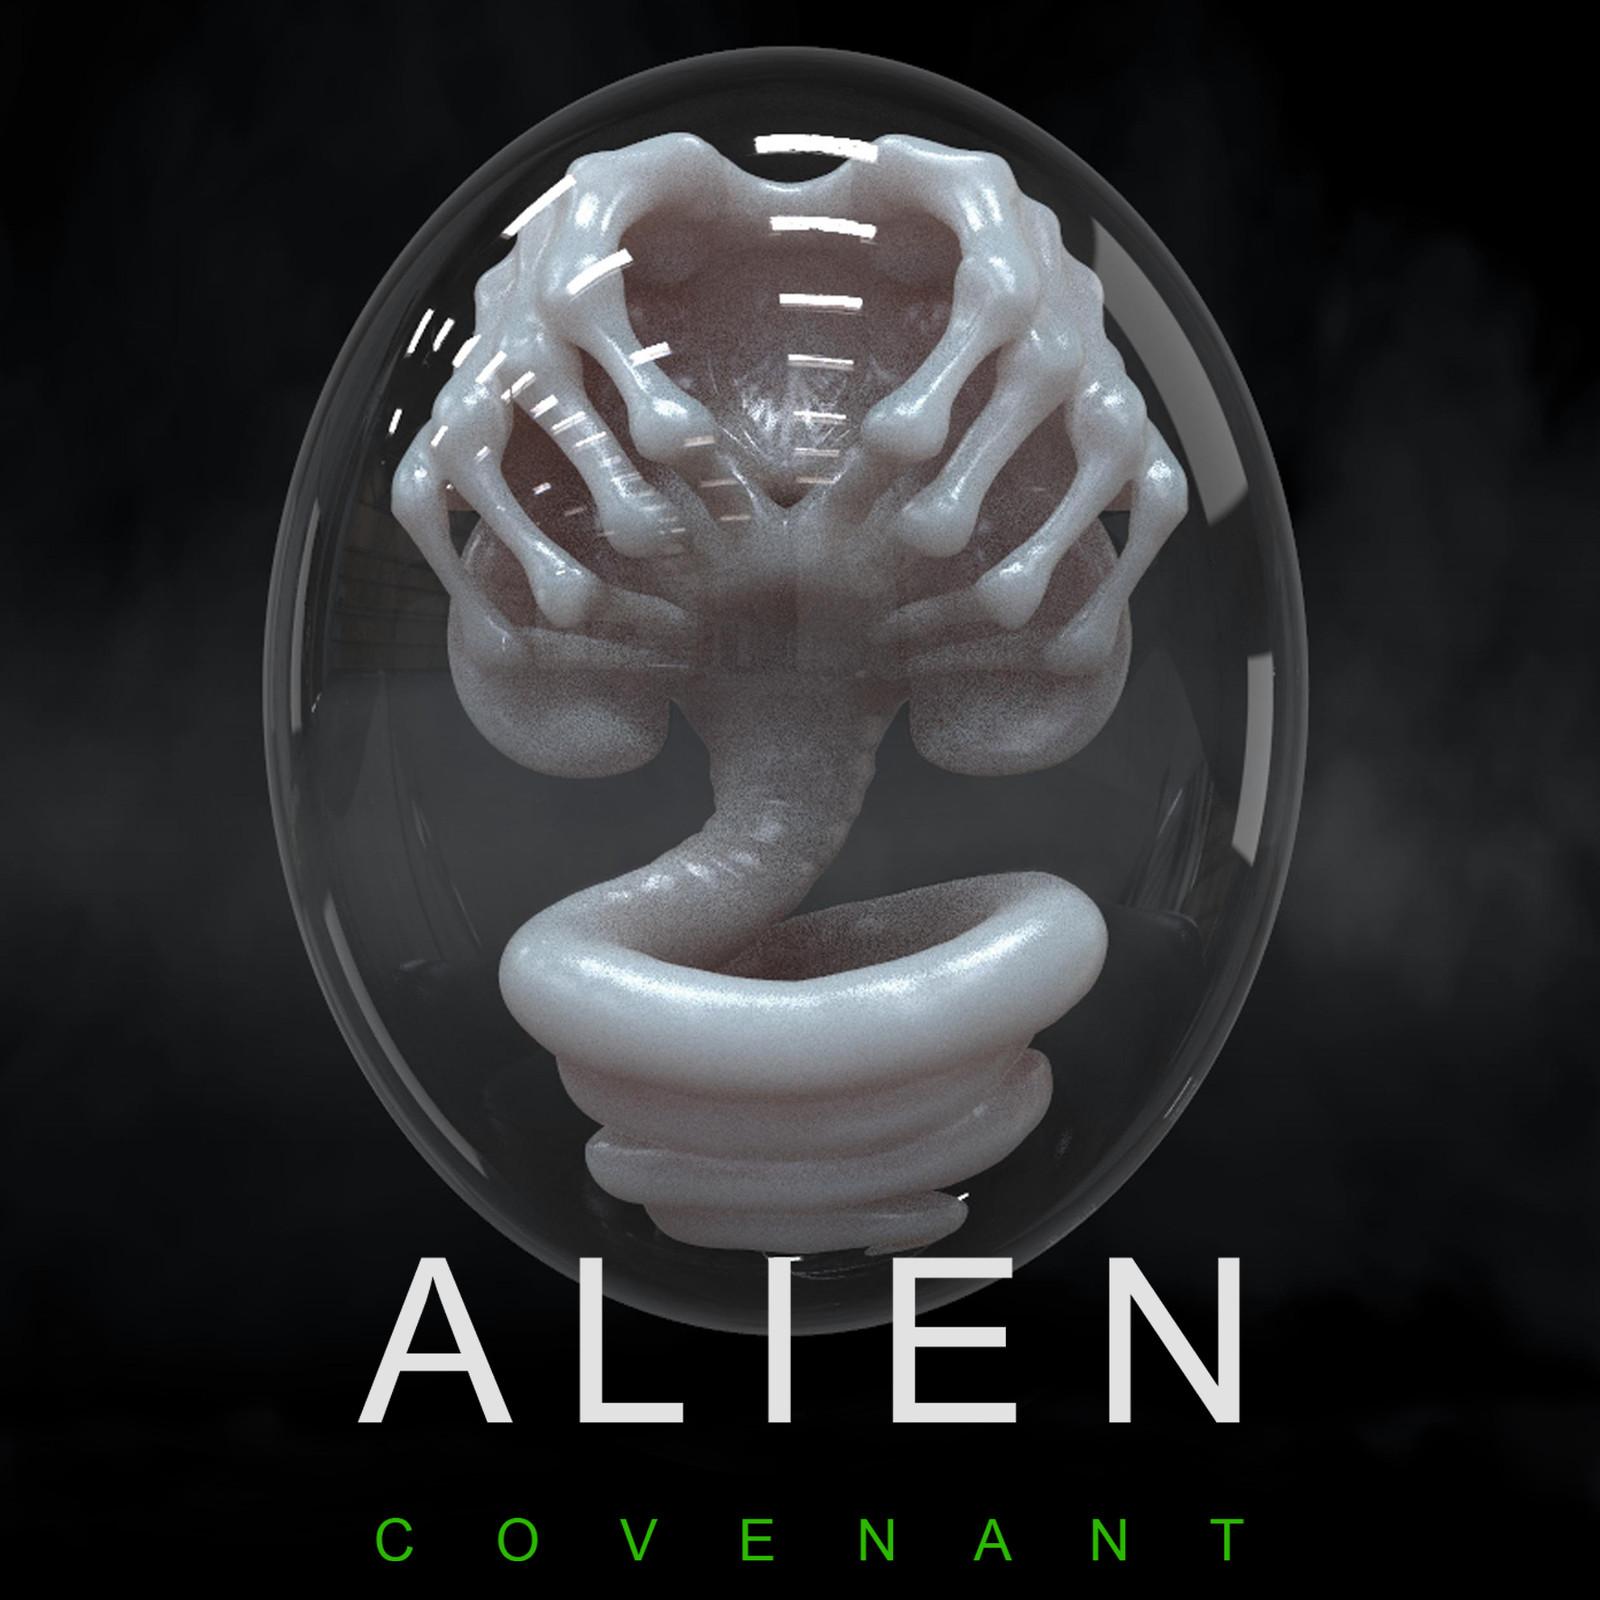 Alien Covenant Concpet Art